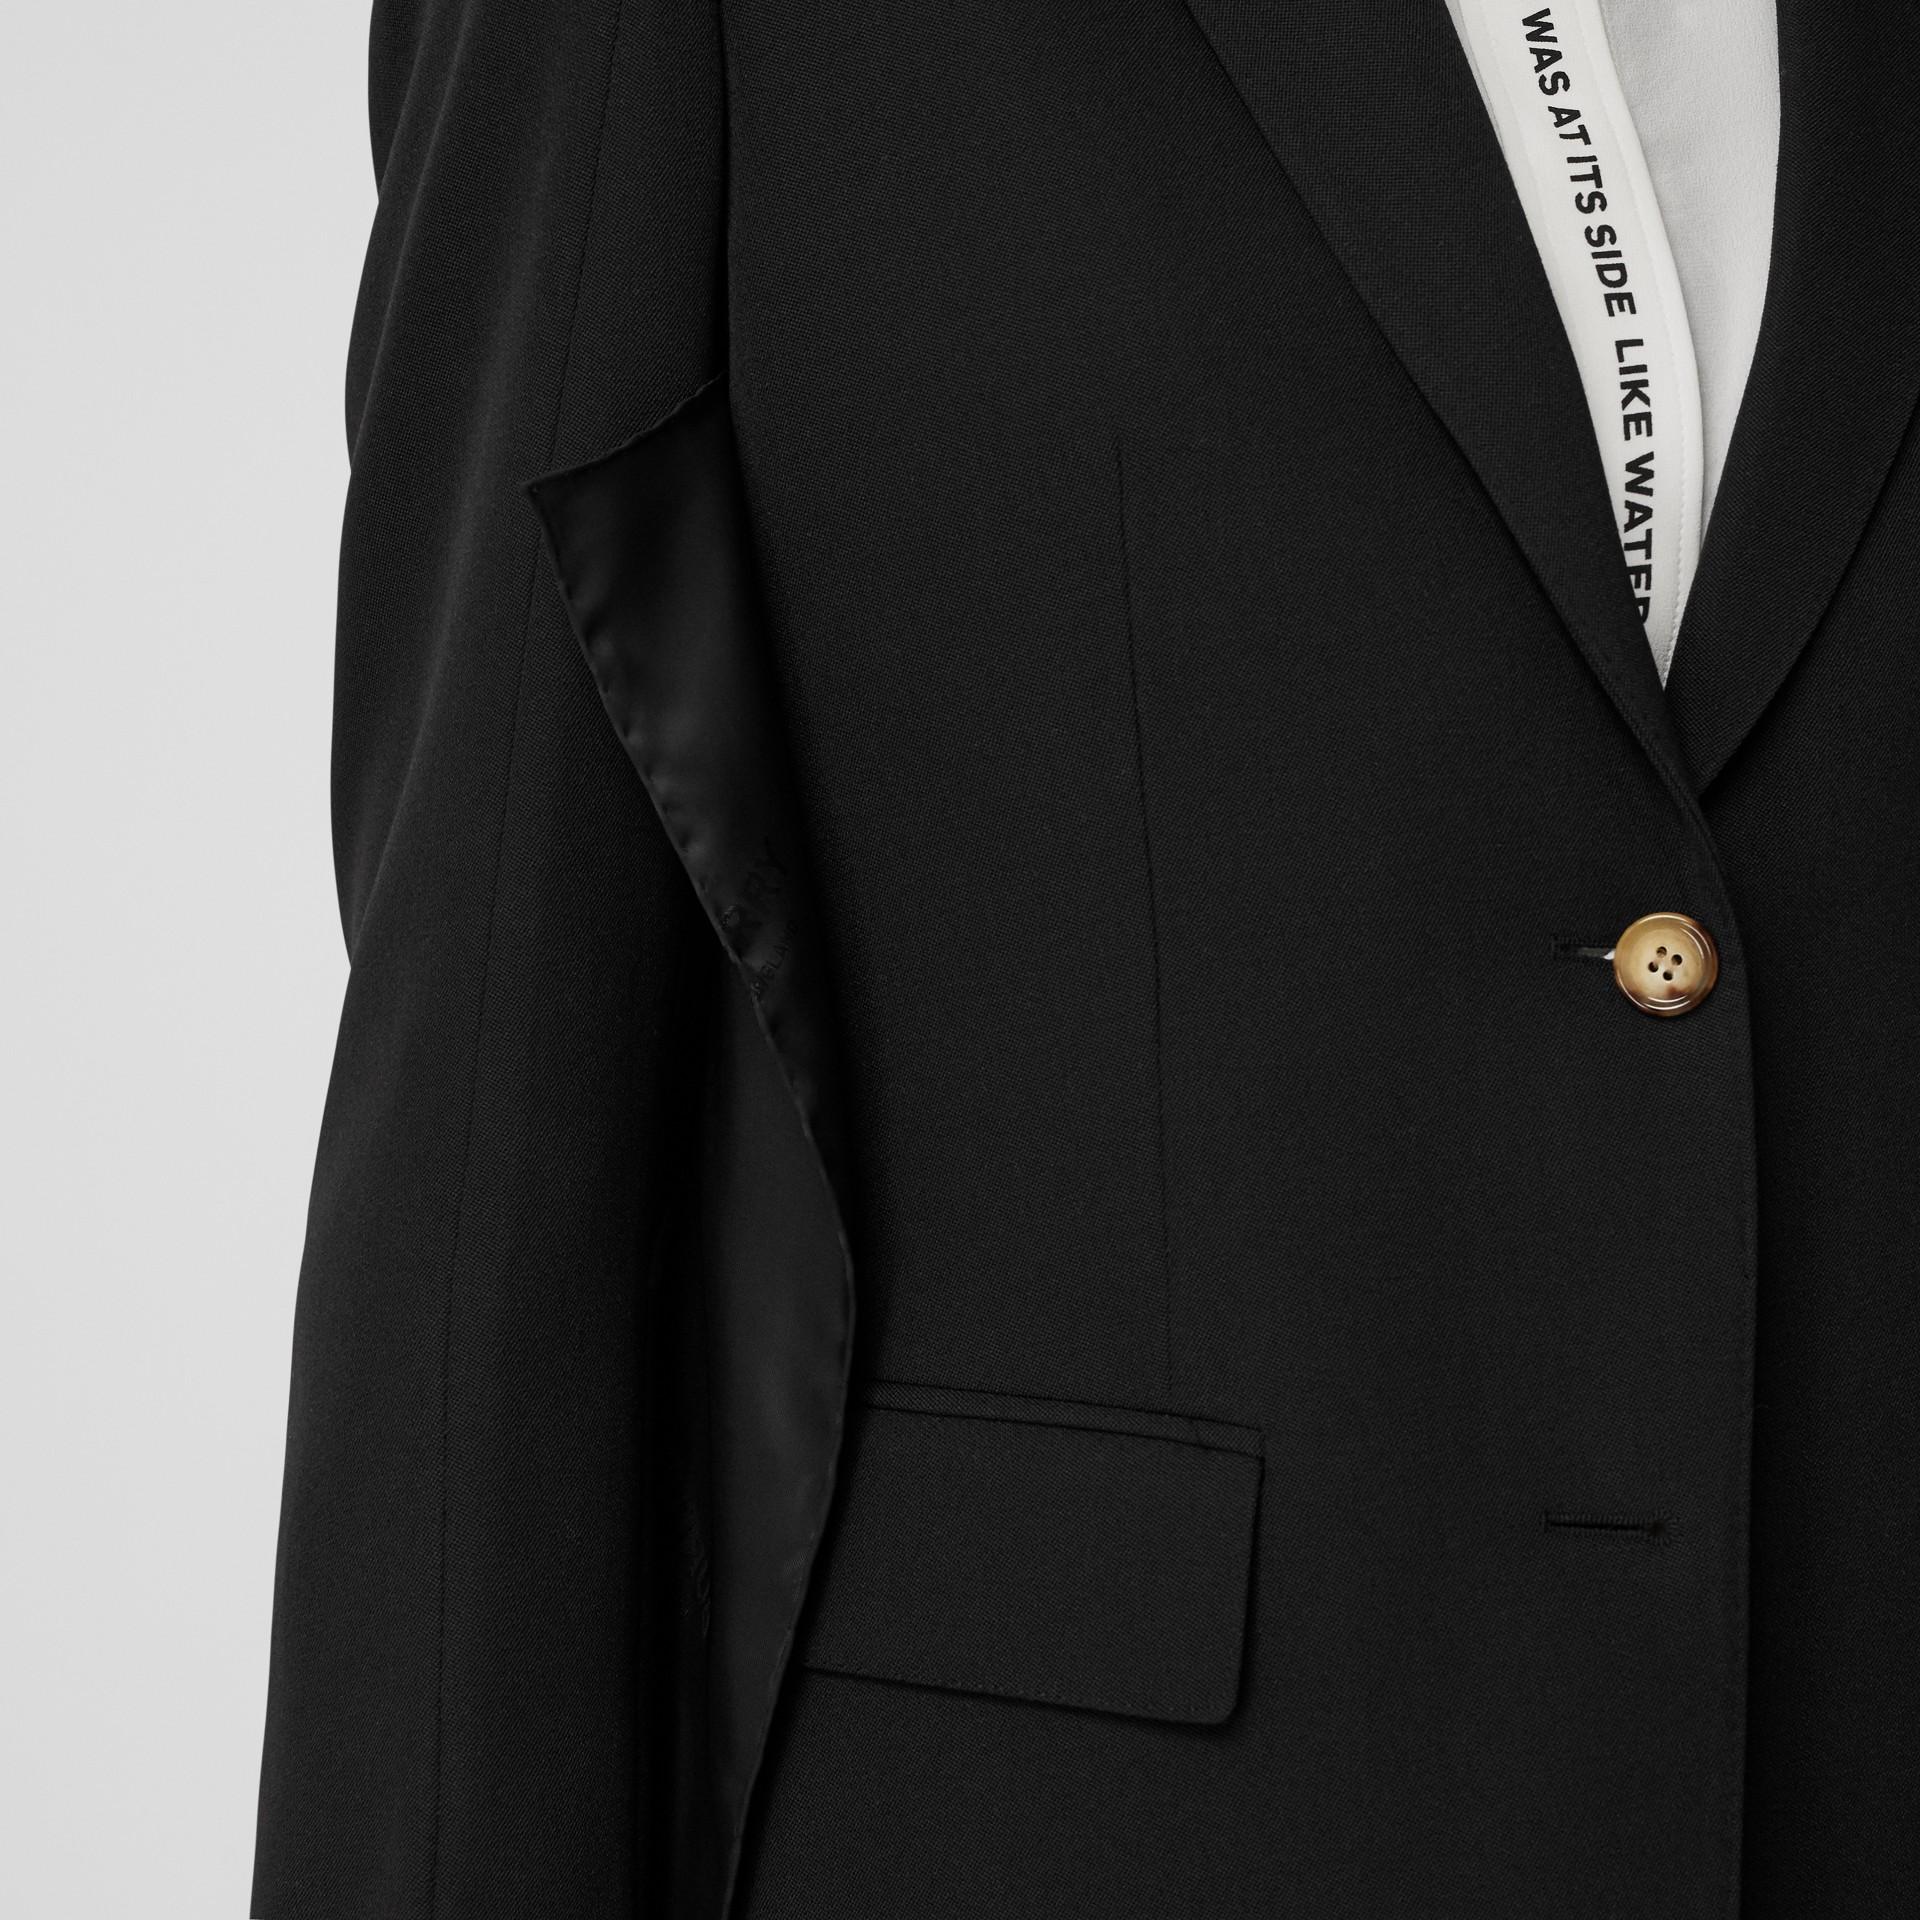 로고 패널 디테일 울 테일러드 재킷 (블랙) - 여성 | Burberry - 갤러리 이미지 1